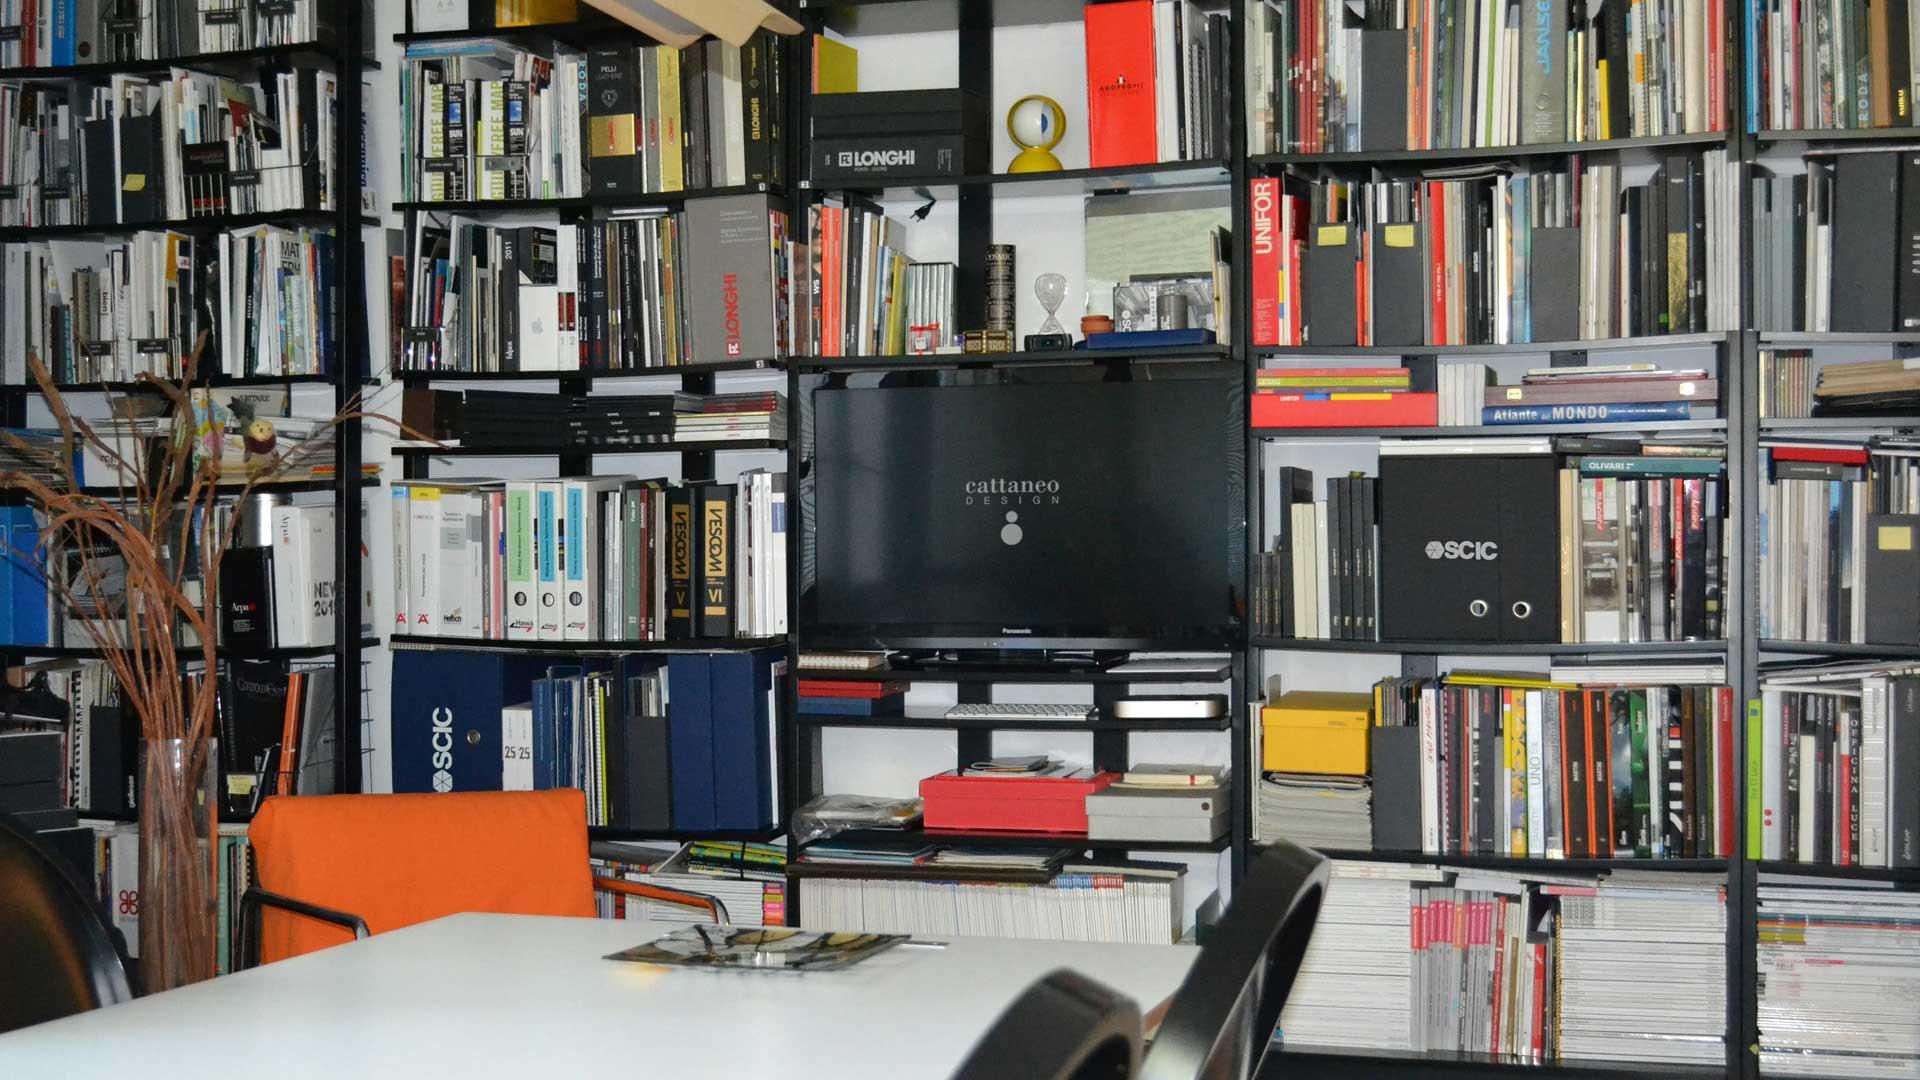 Immagine a colori di un interno dello studio, nella foto è inquadrata la libreria con TV per proiezioni progetti e tutti cataloghi che utilizziamo per progettare, si vedono le ditte con le quali collaboriamo, come SCIC, LONGHI, FLOU, FLEXFORM, PORADA, LEMA, POLIFORM e molte altre.